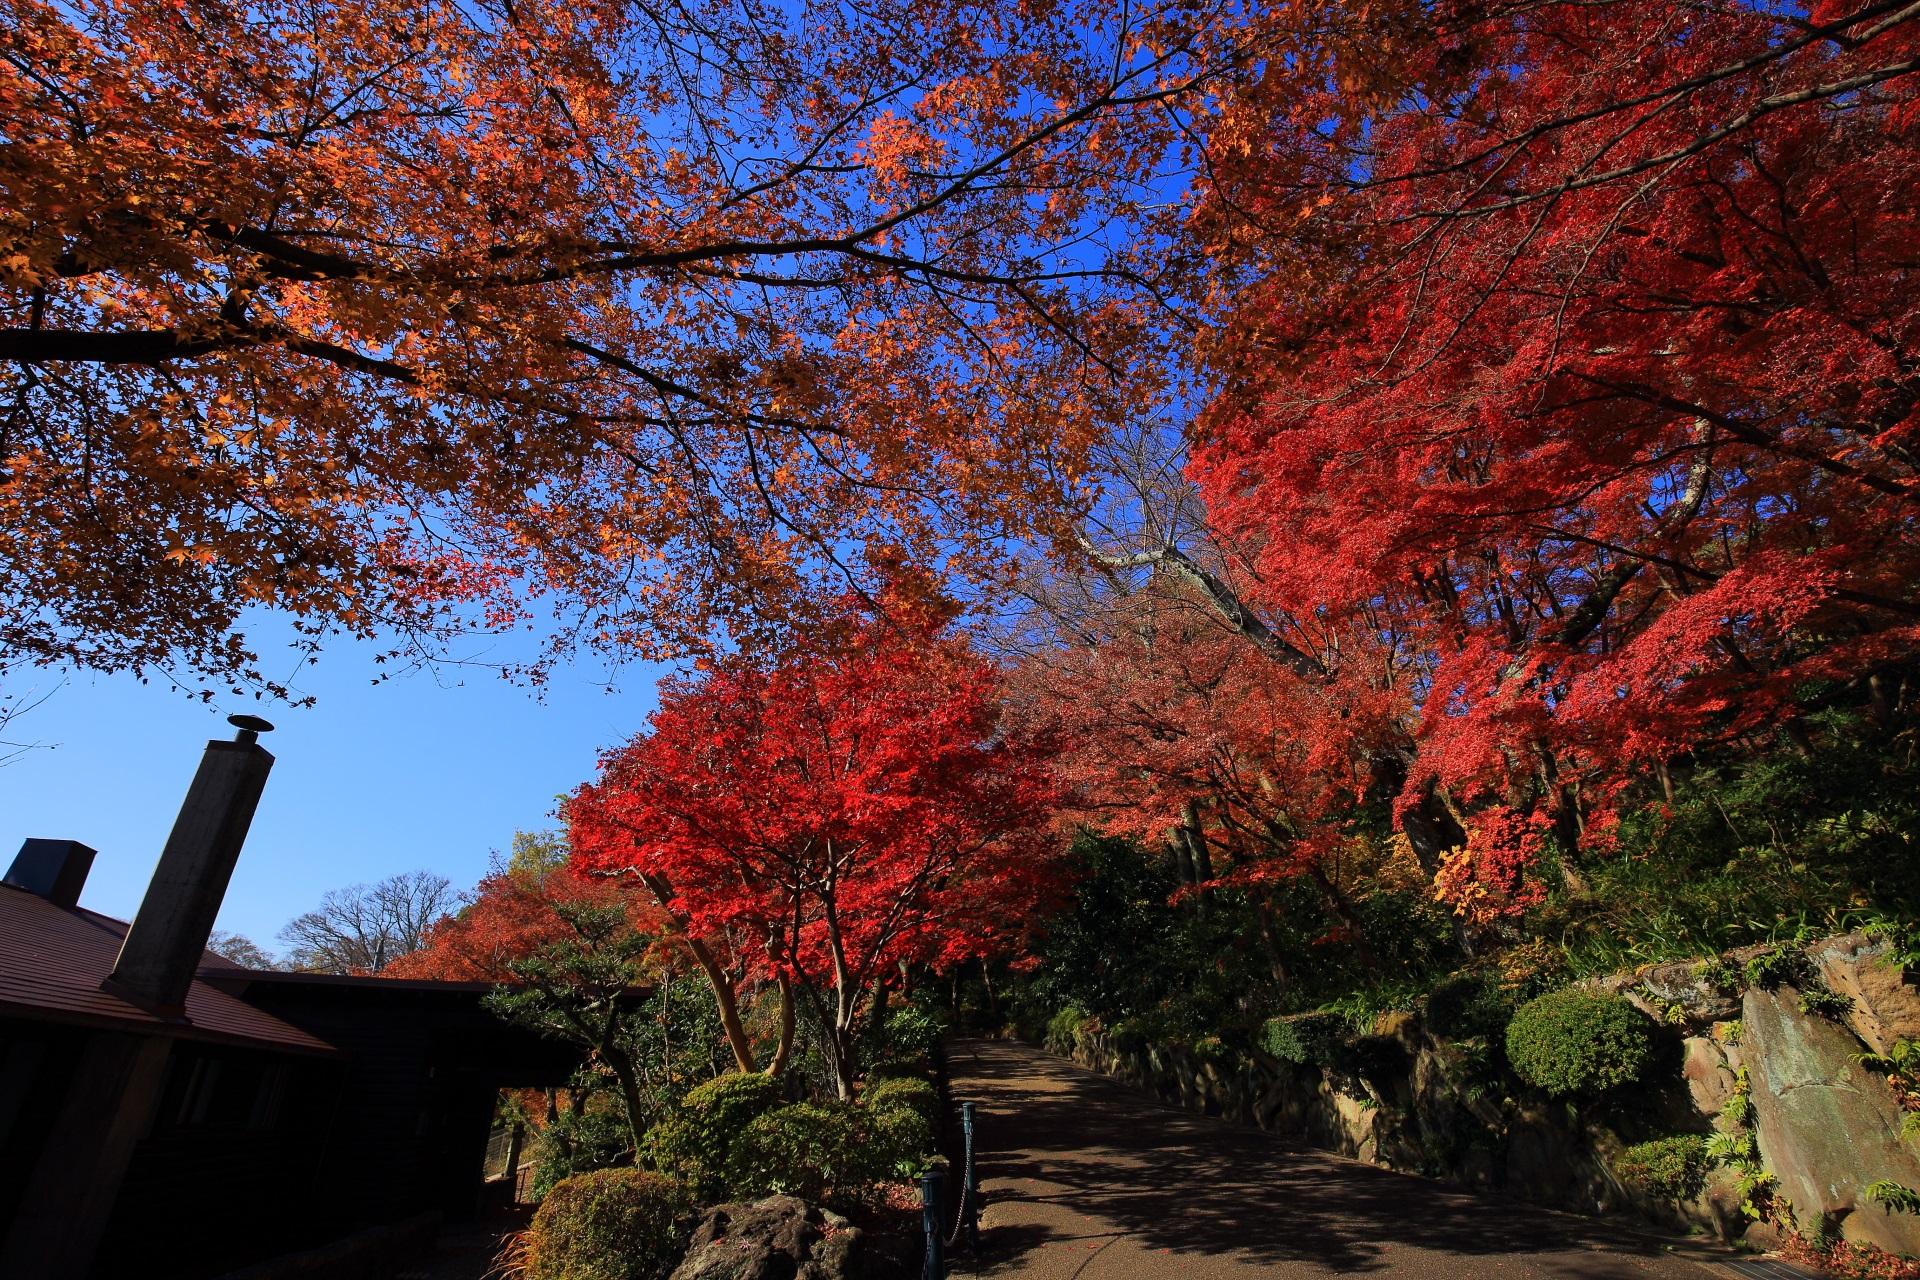 大山崎山荘美術館のトンネルの琅玕洞(ろうかんどう)から少し進んだあたりの紅葉で